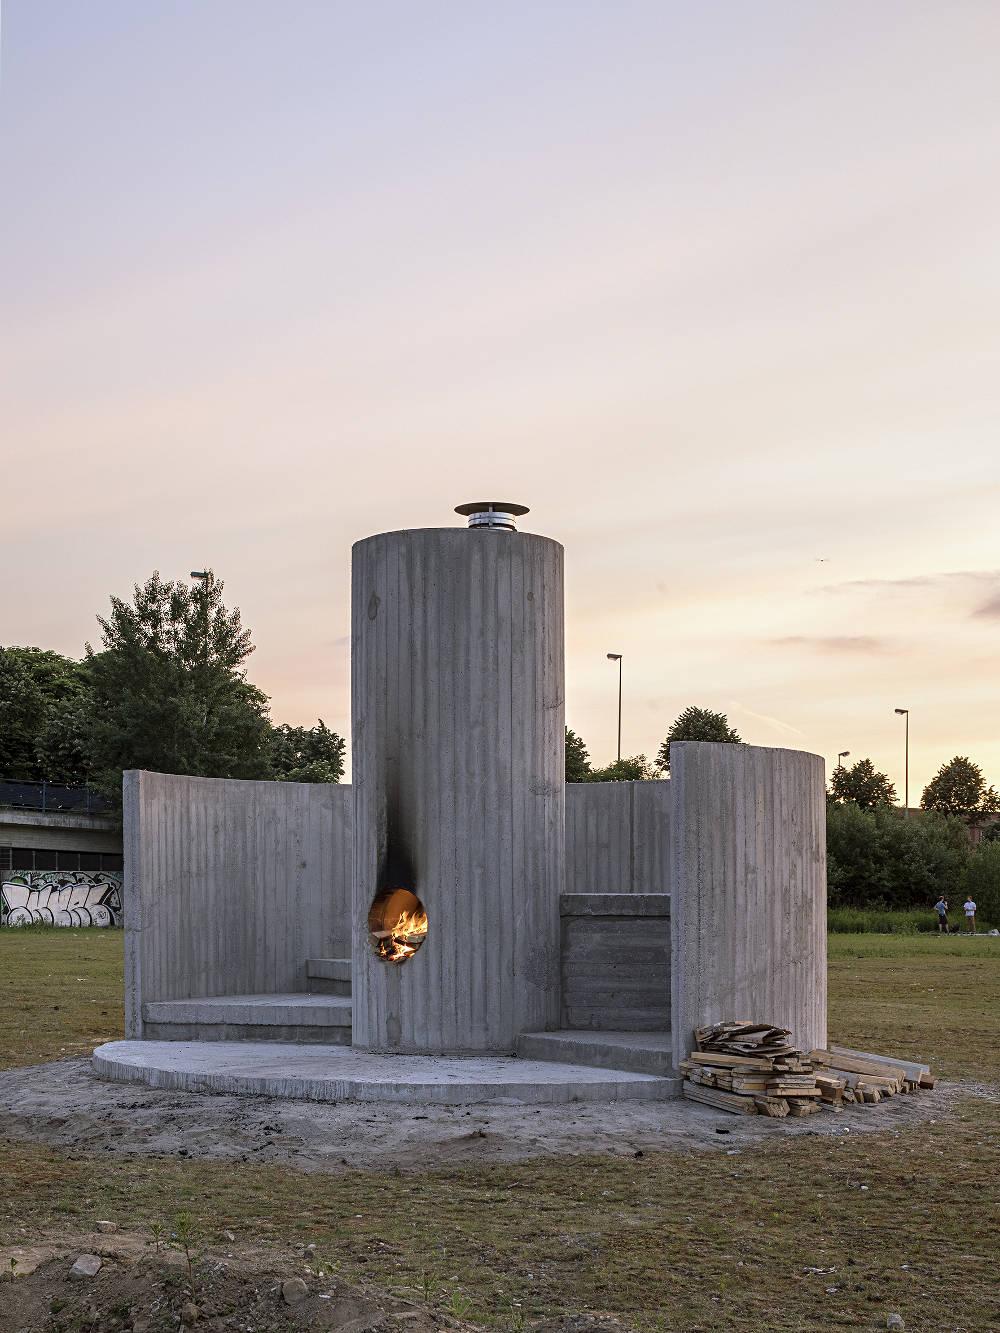 Skulptur Projekte Oscar Tuazon 2